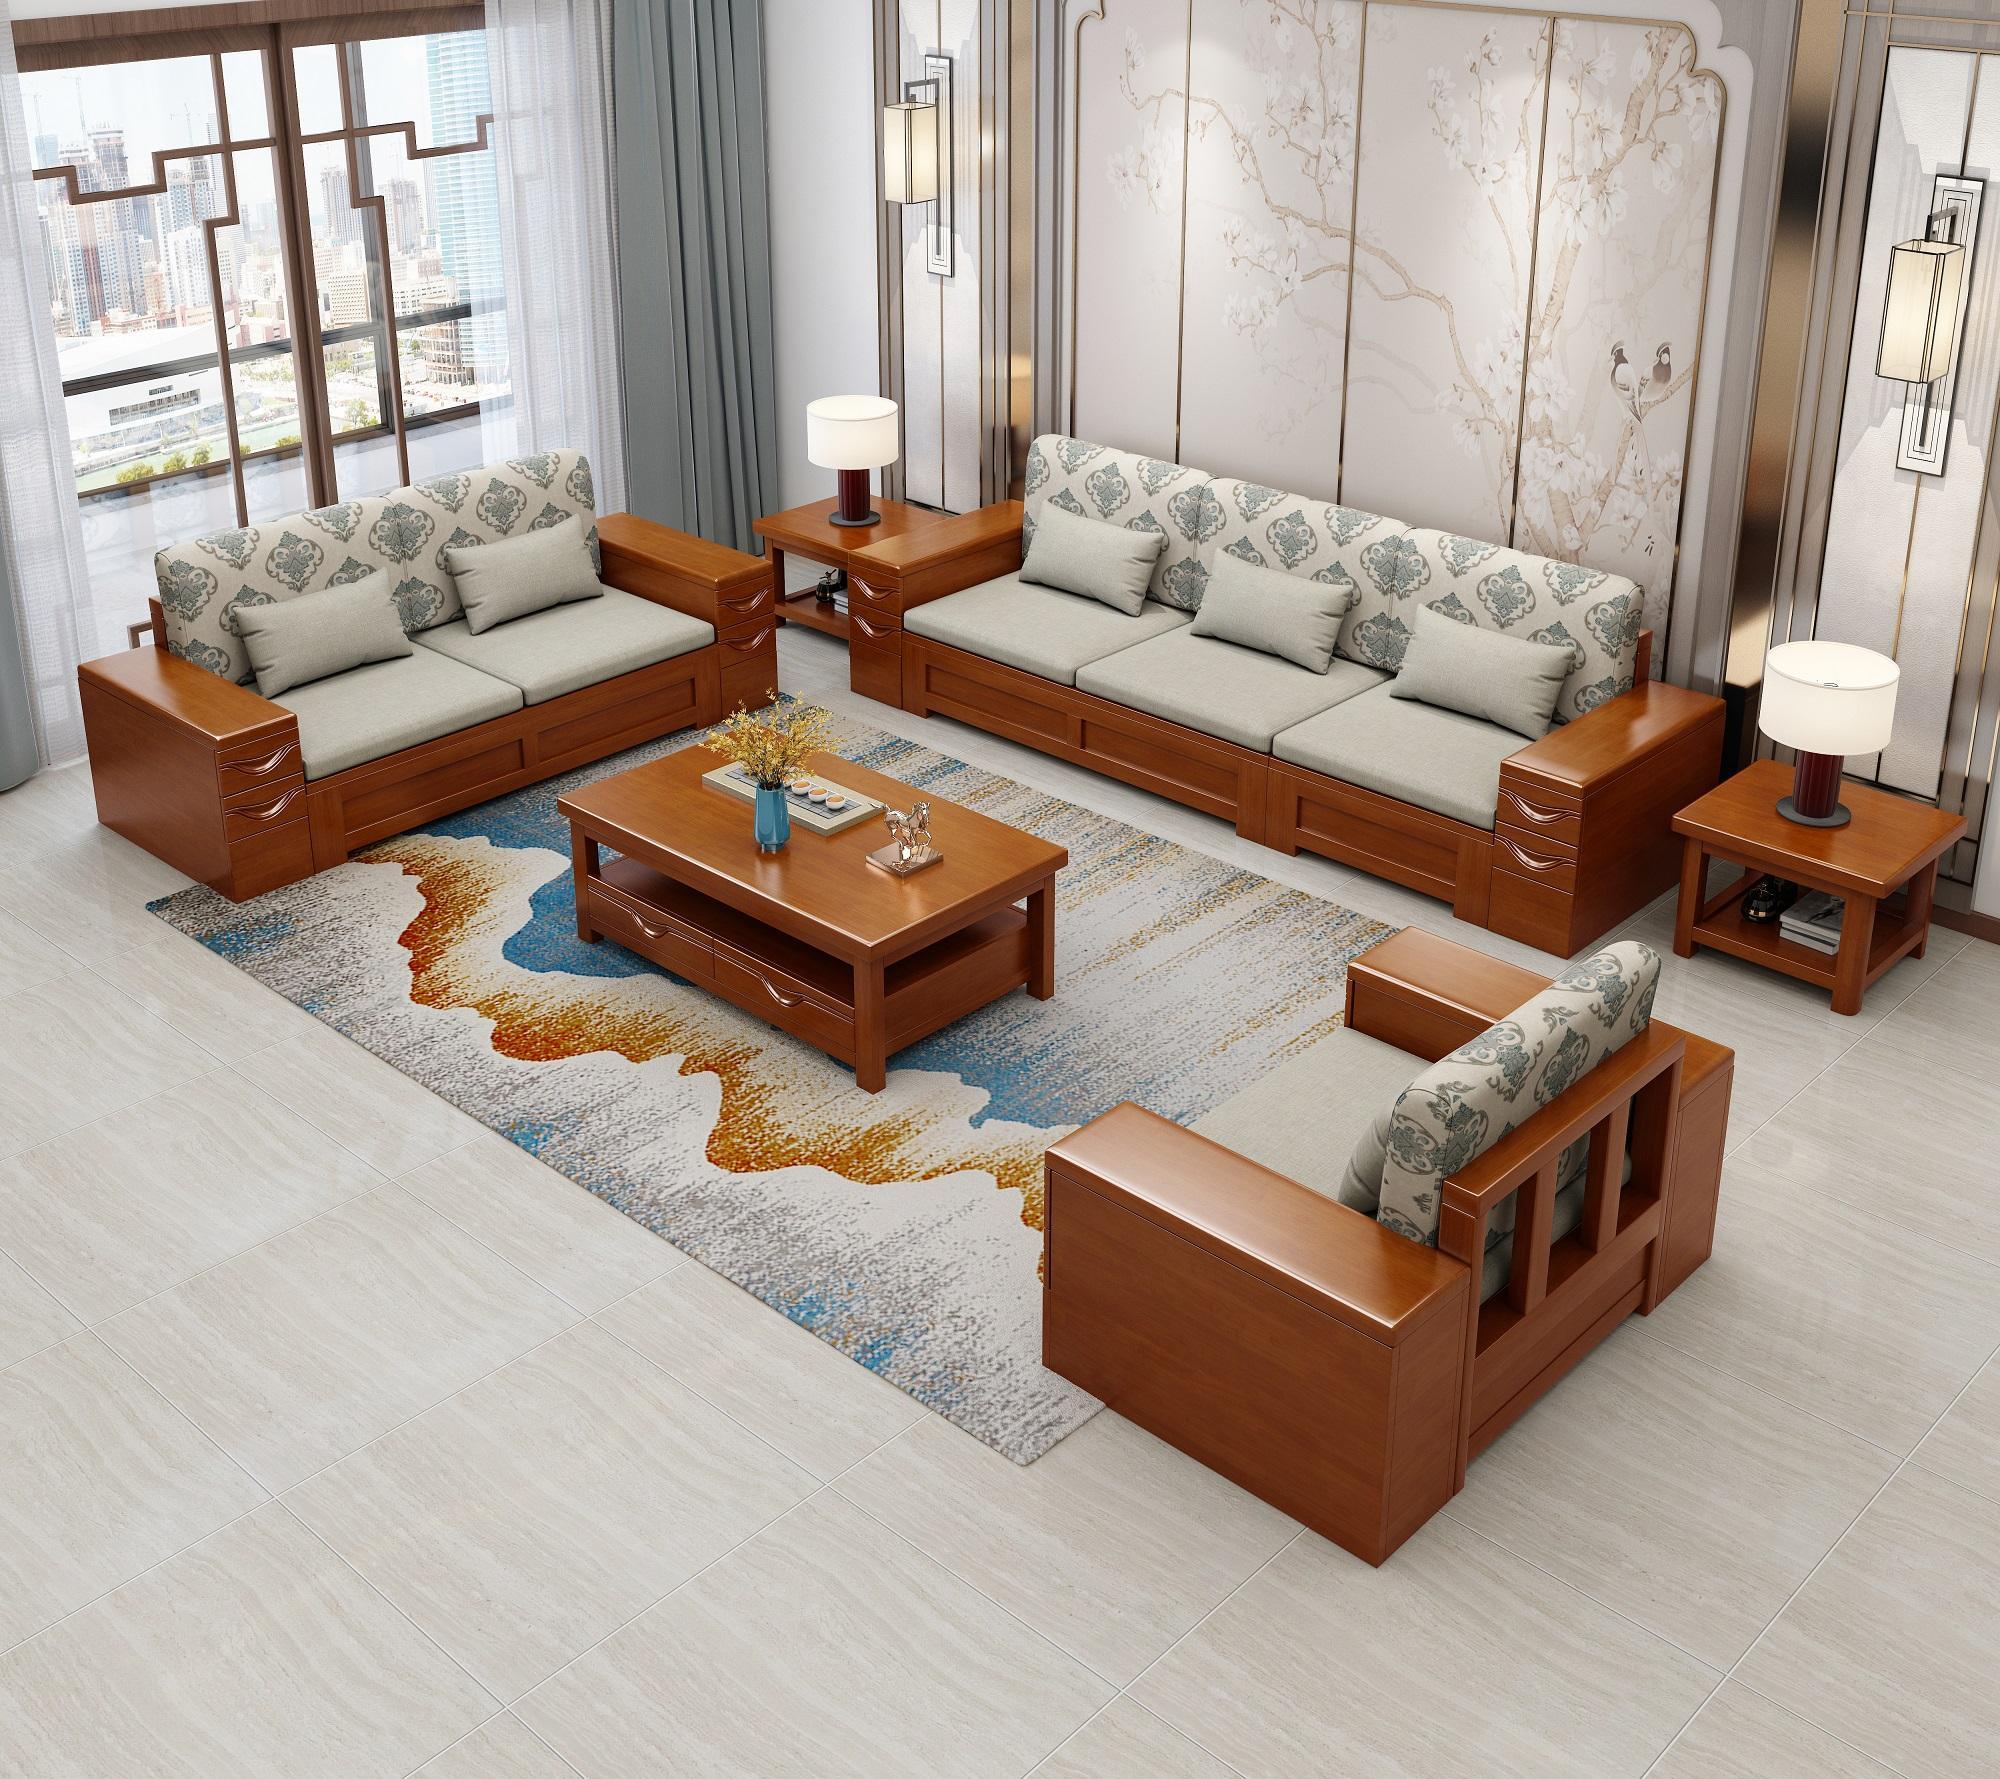 实木沙发组合现代新中式客厅木质家具橡胶木经济型组装中式木沙发 2